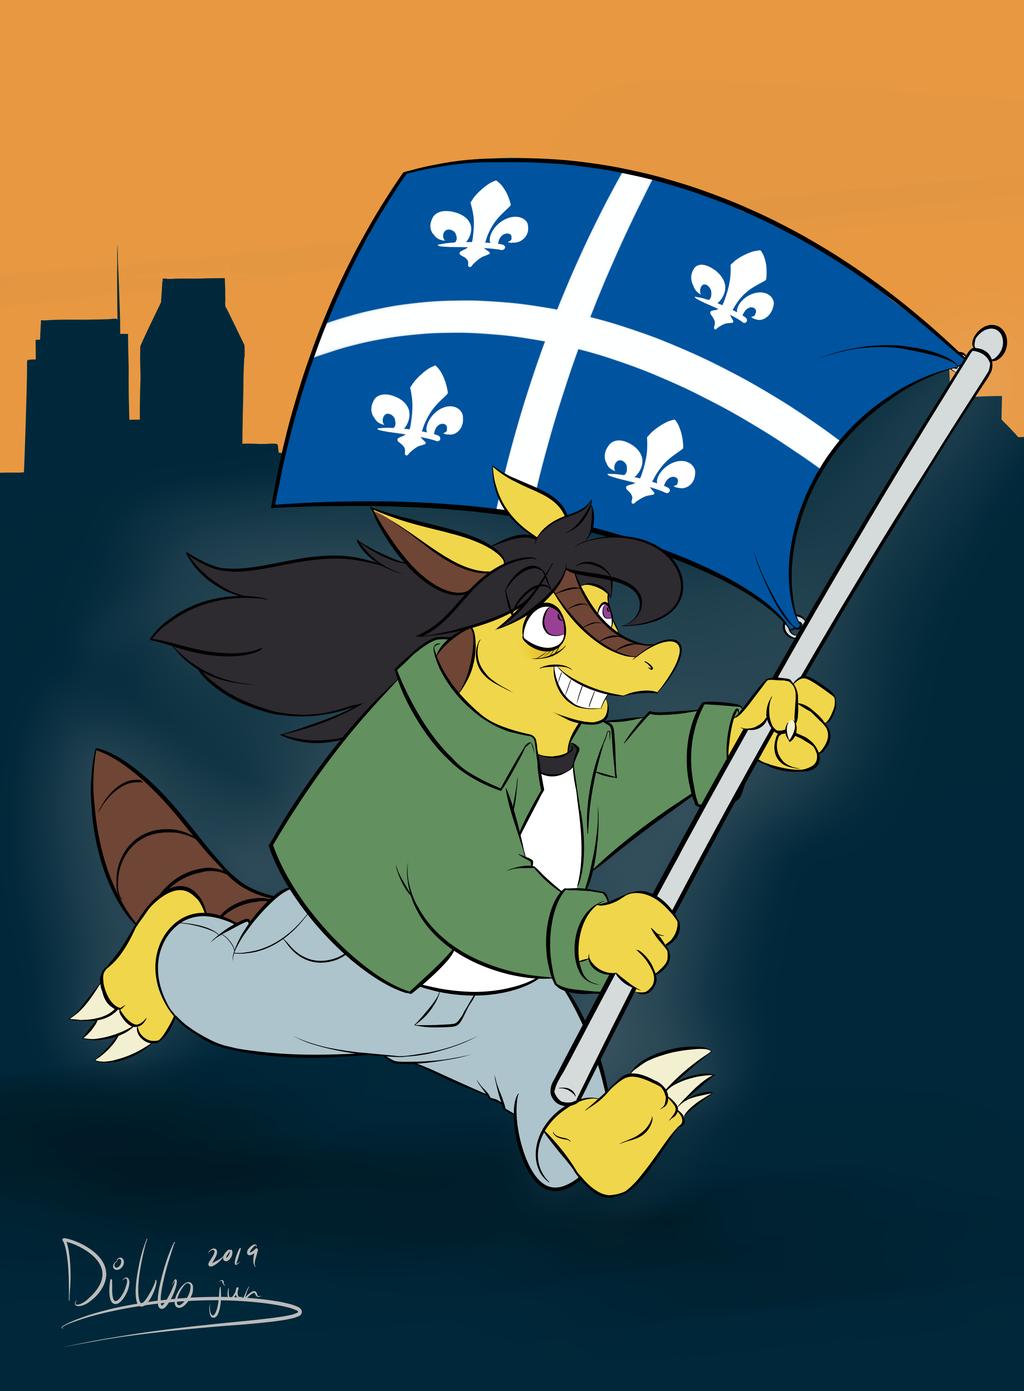 Happy Québec Day 2019!